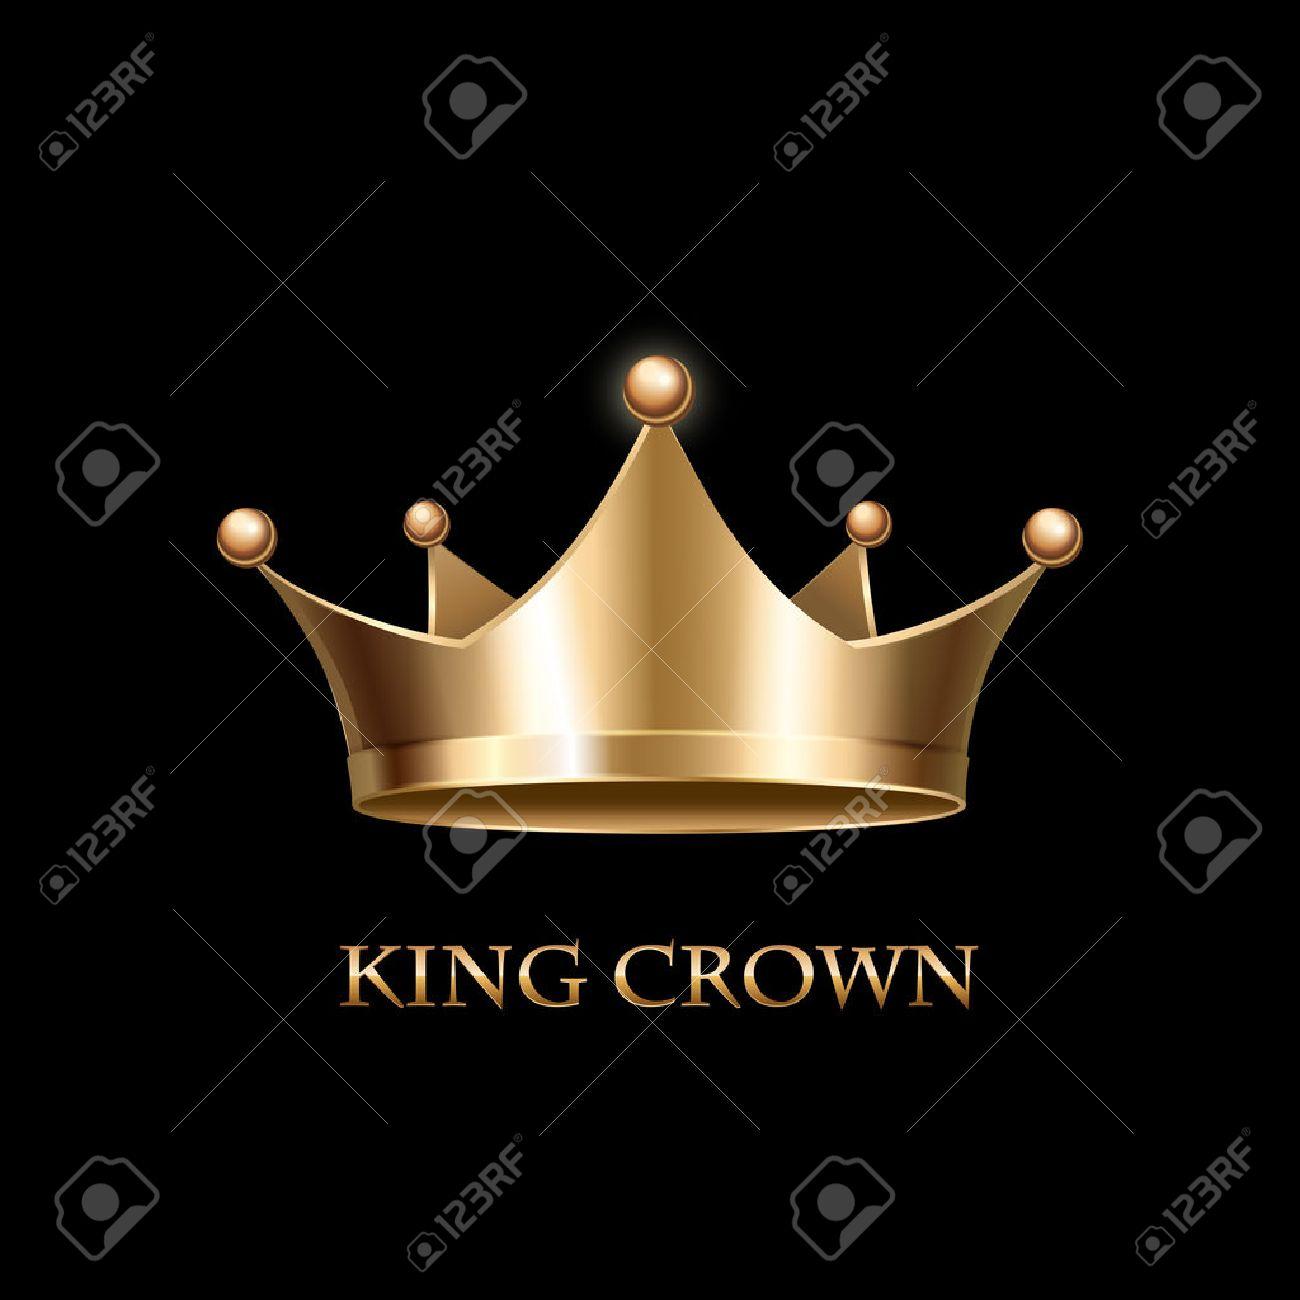 Gold Crown on black Background. Vector Illustration - 45622550